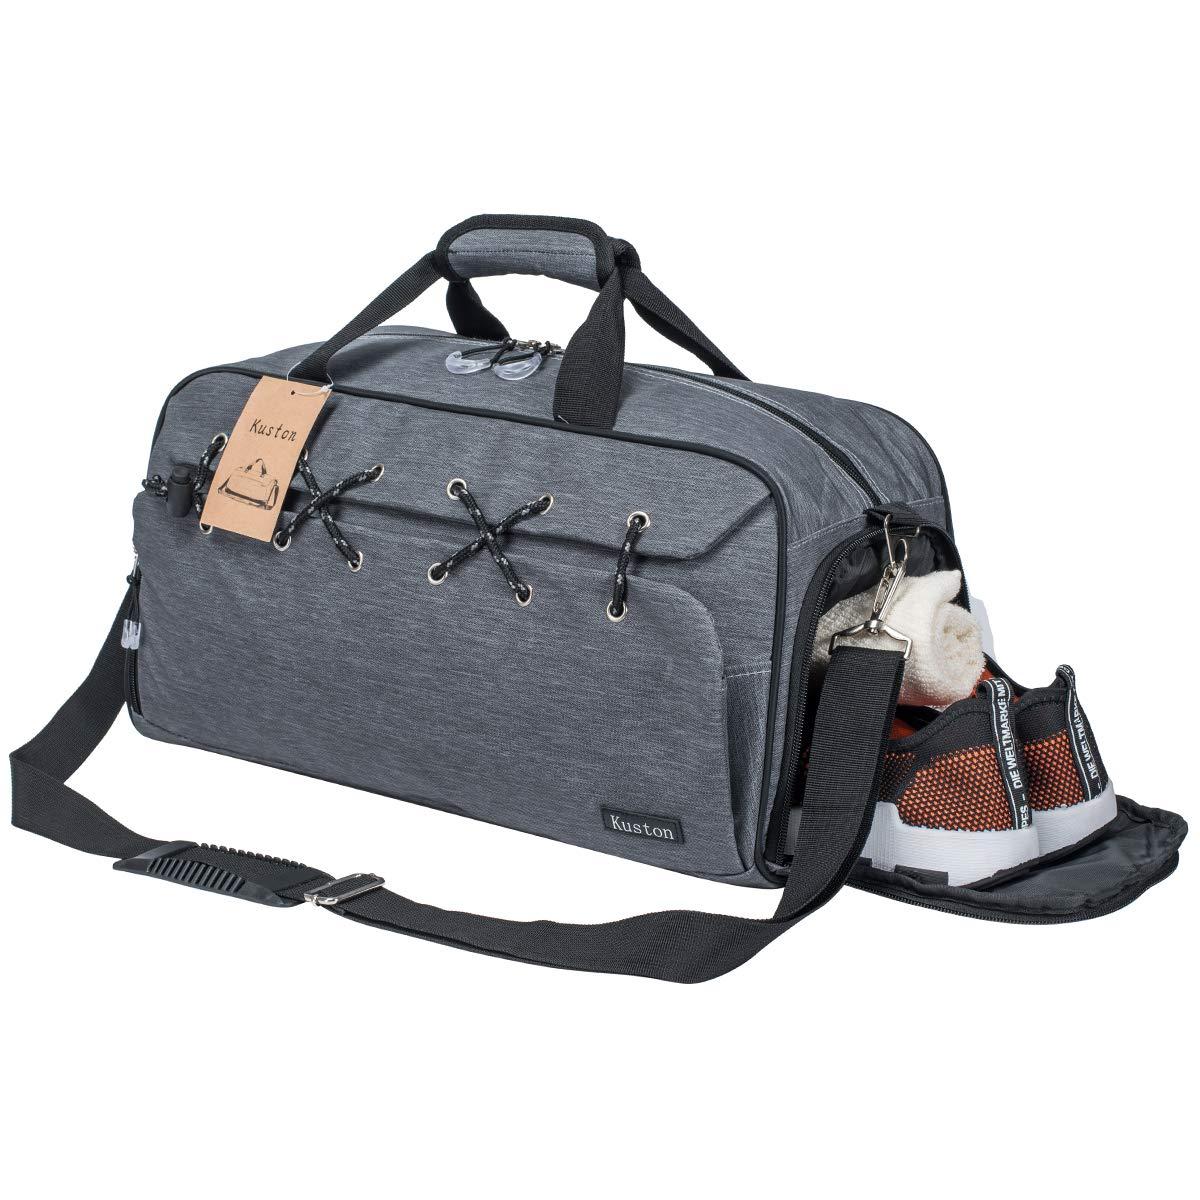 スポーツフィットネス靴コンパートメントユニセックスグレーOne_Size付きバッグトラベルラゲッジバッグ